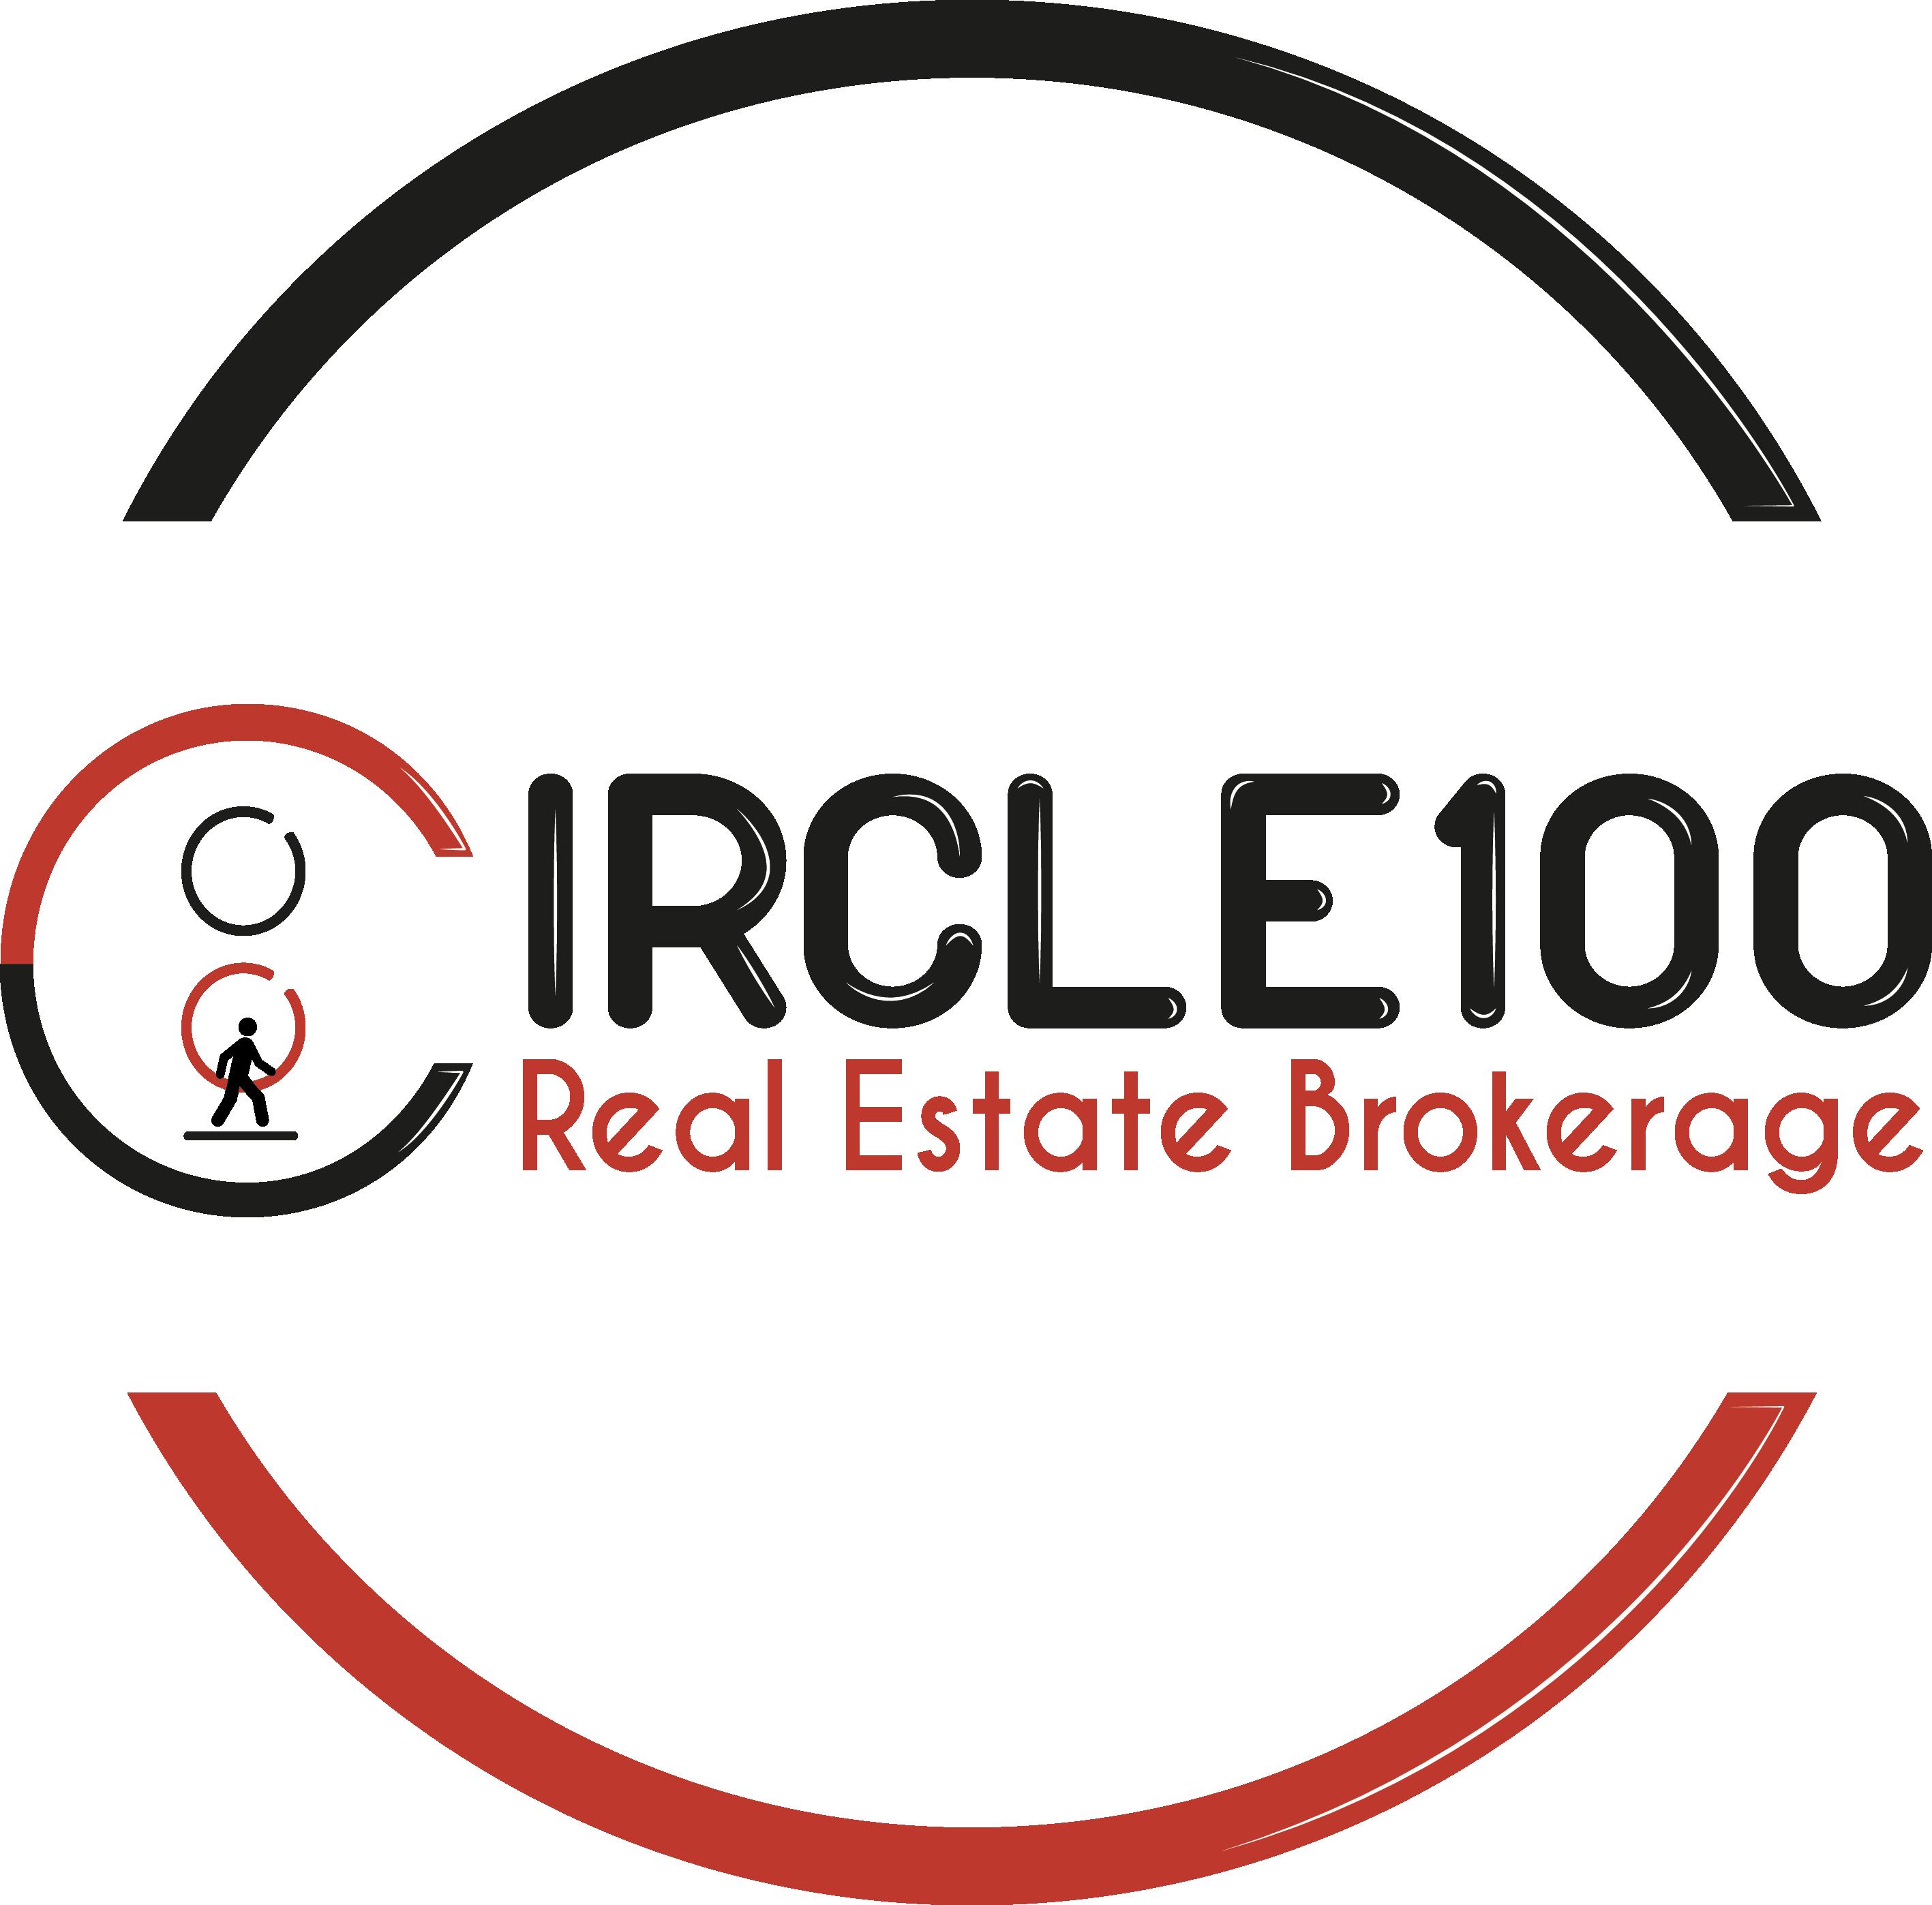 Circle100 Real Estate Brokerage logo